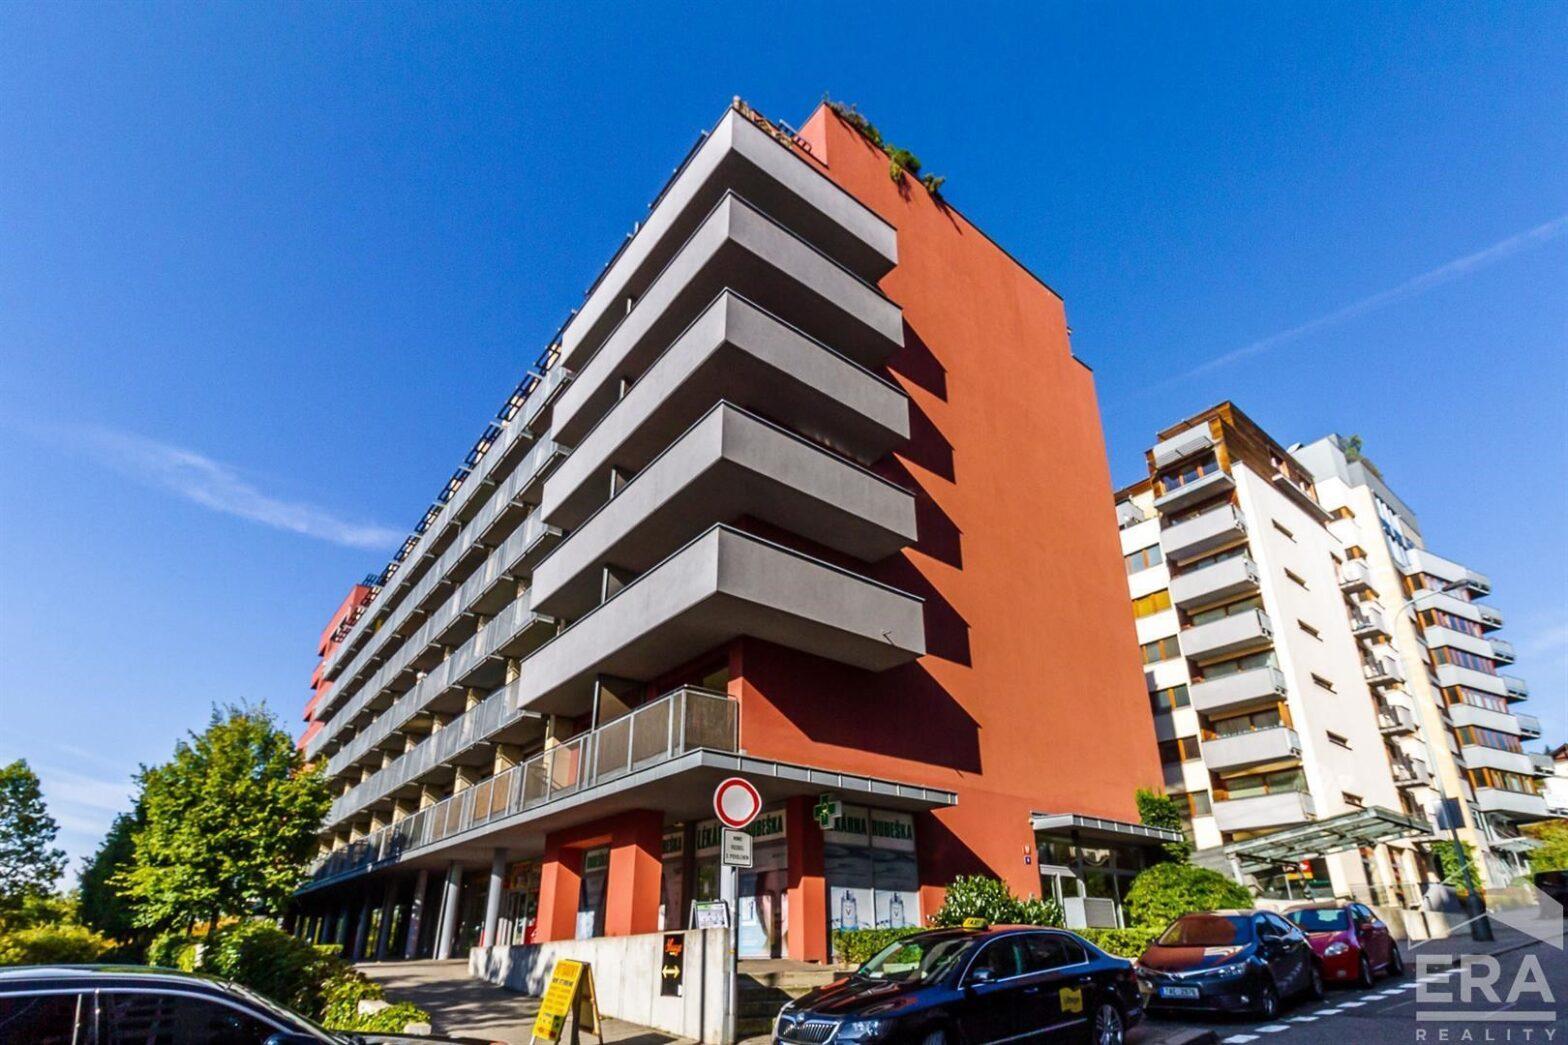 Pronájem bytu 2+kk +balkon (možno garáž), Praha 9 ul. Paříkova